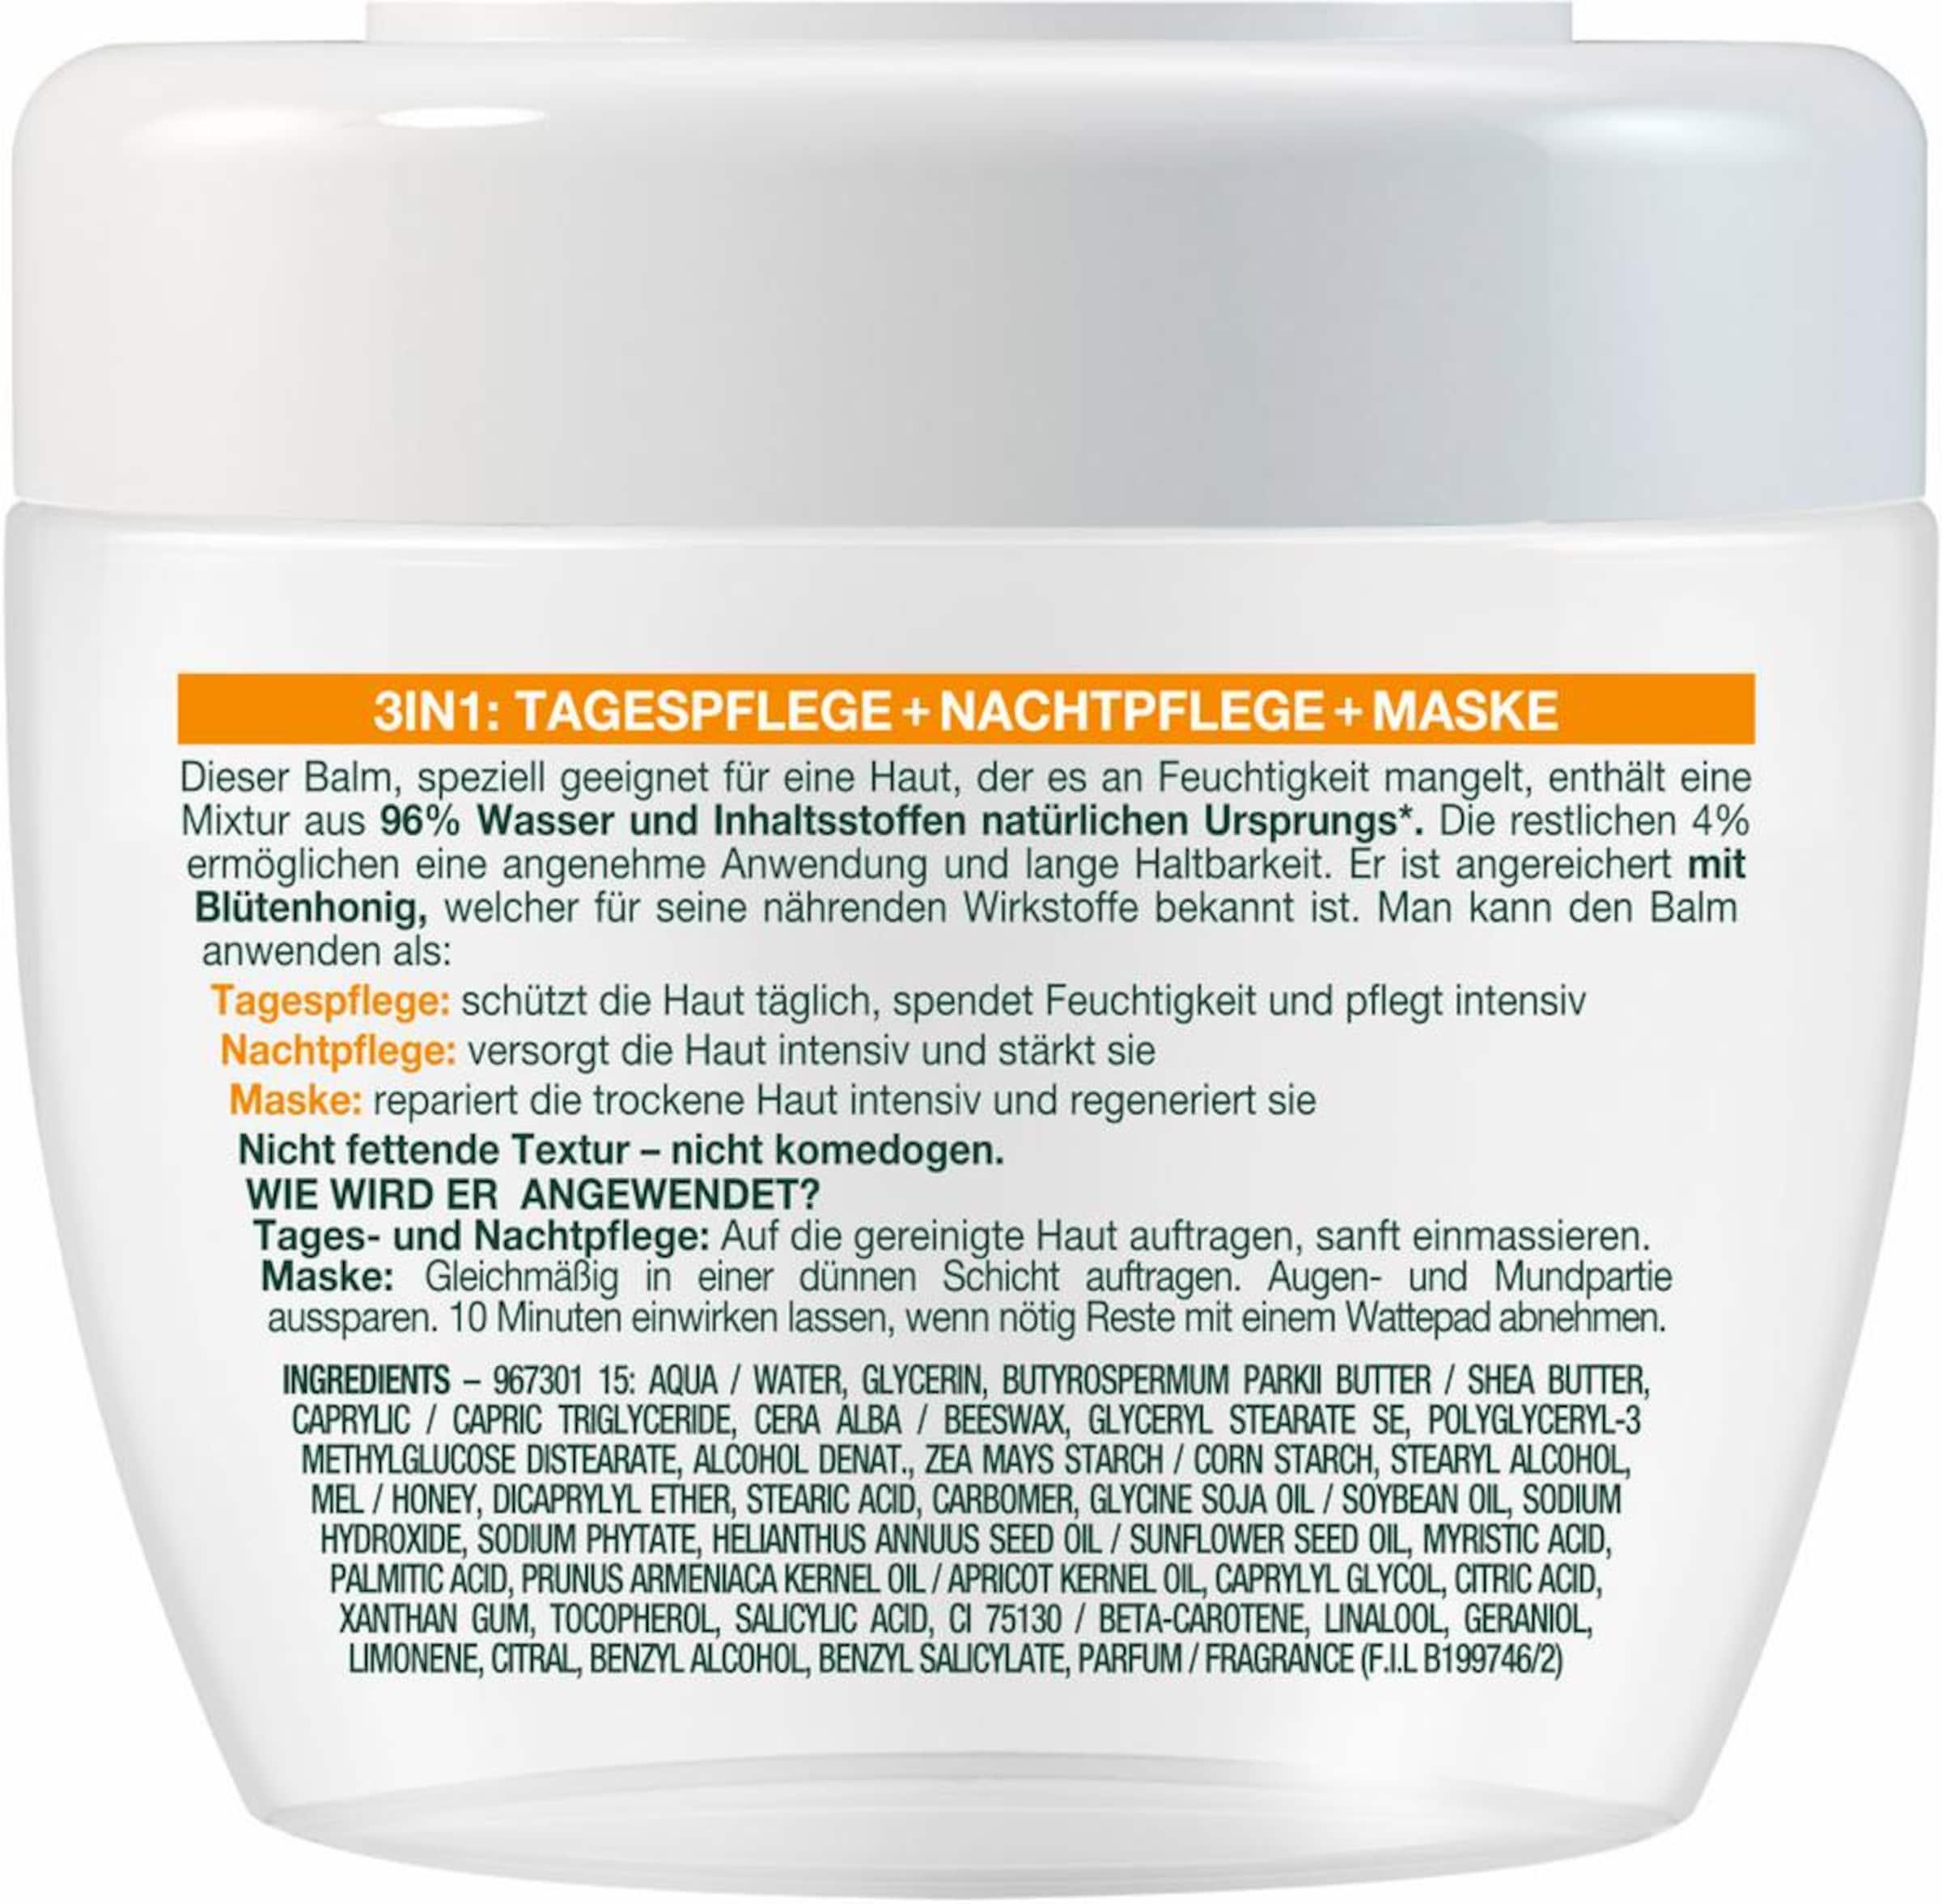 GARNIER Skin Active Botanischer Balm Honig«, Gesichtspflege